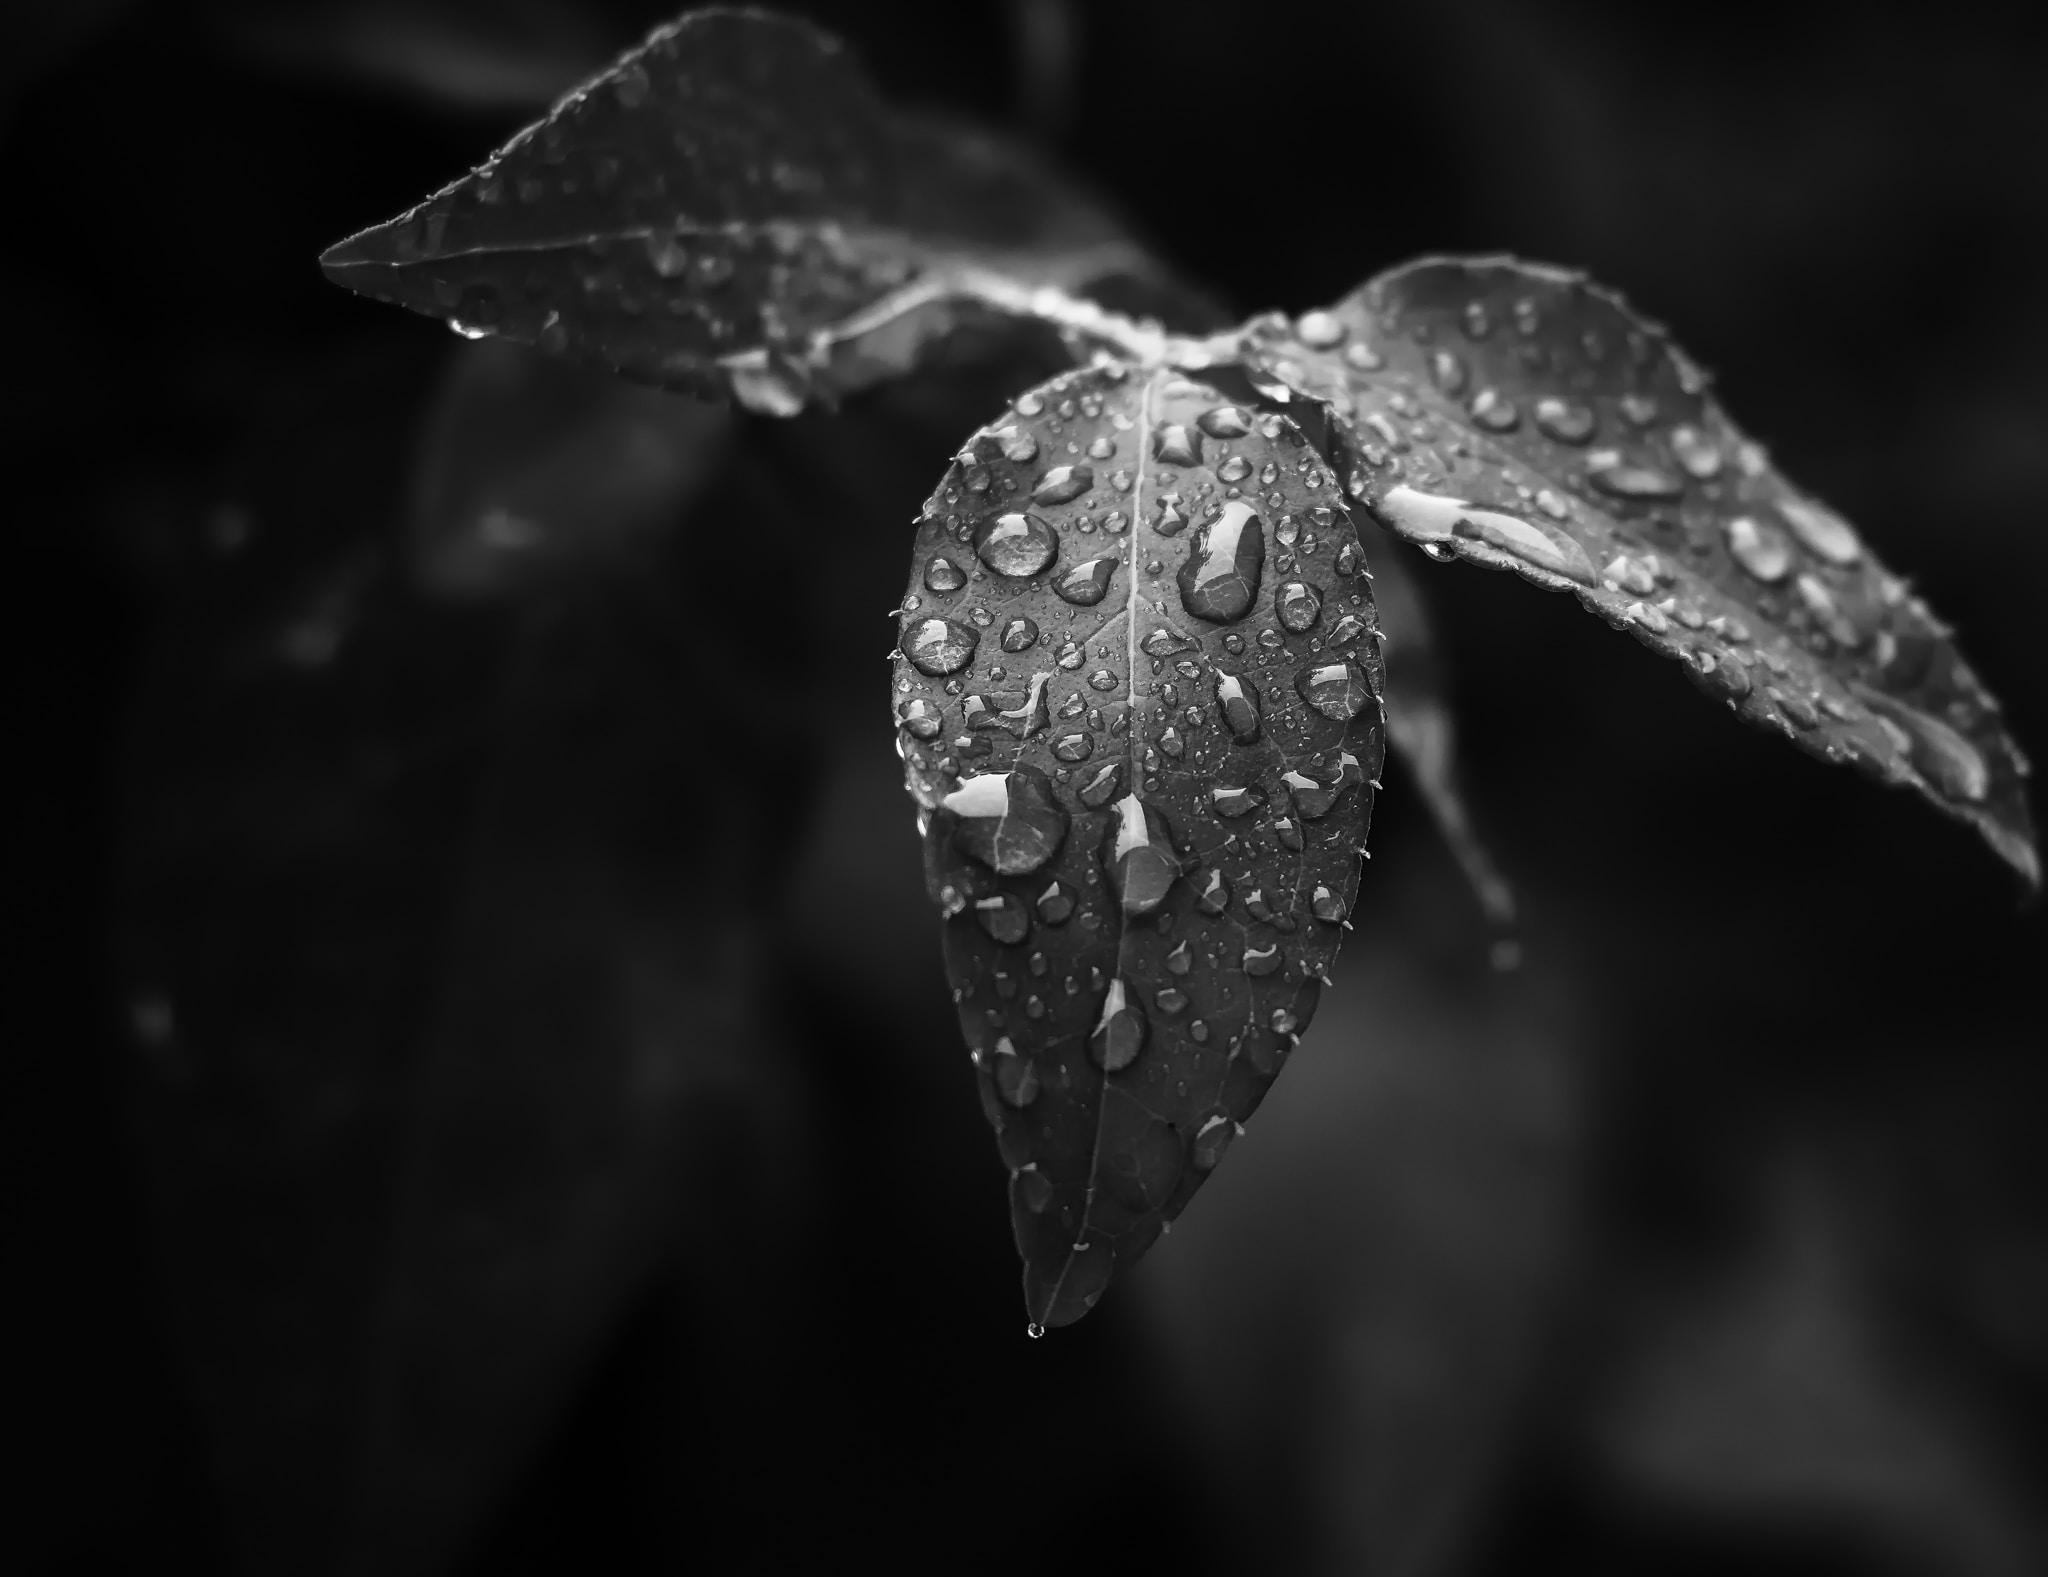 Rain storm stories